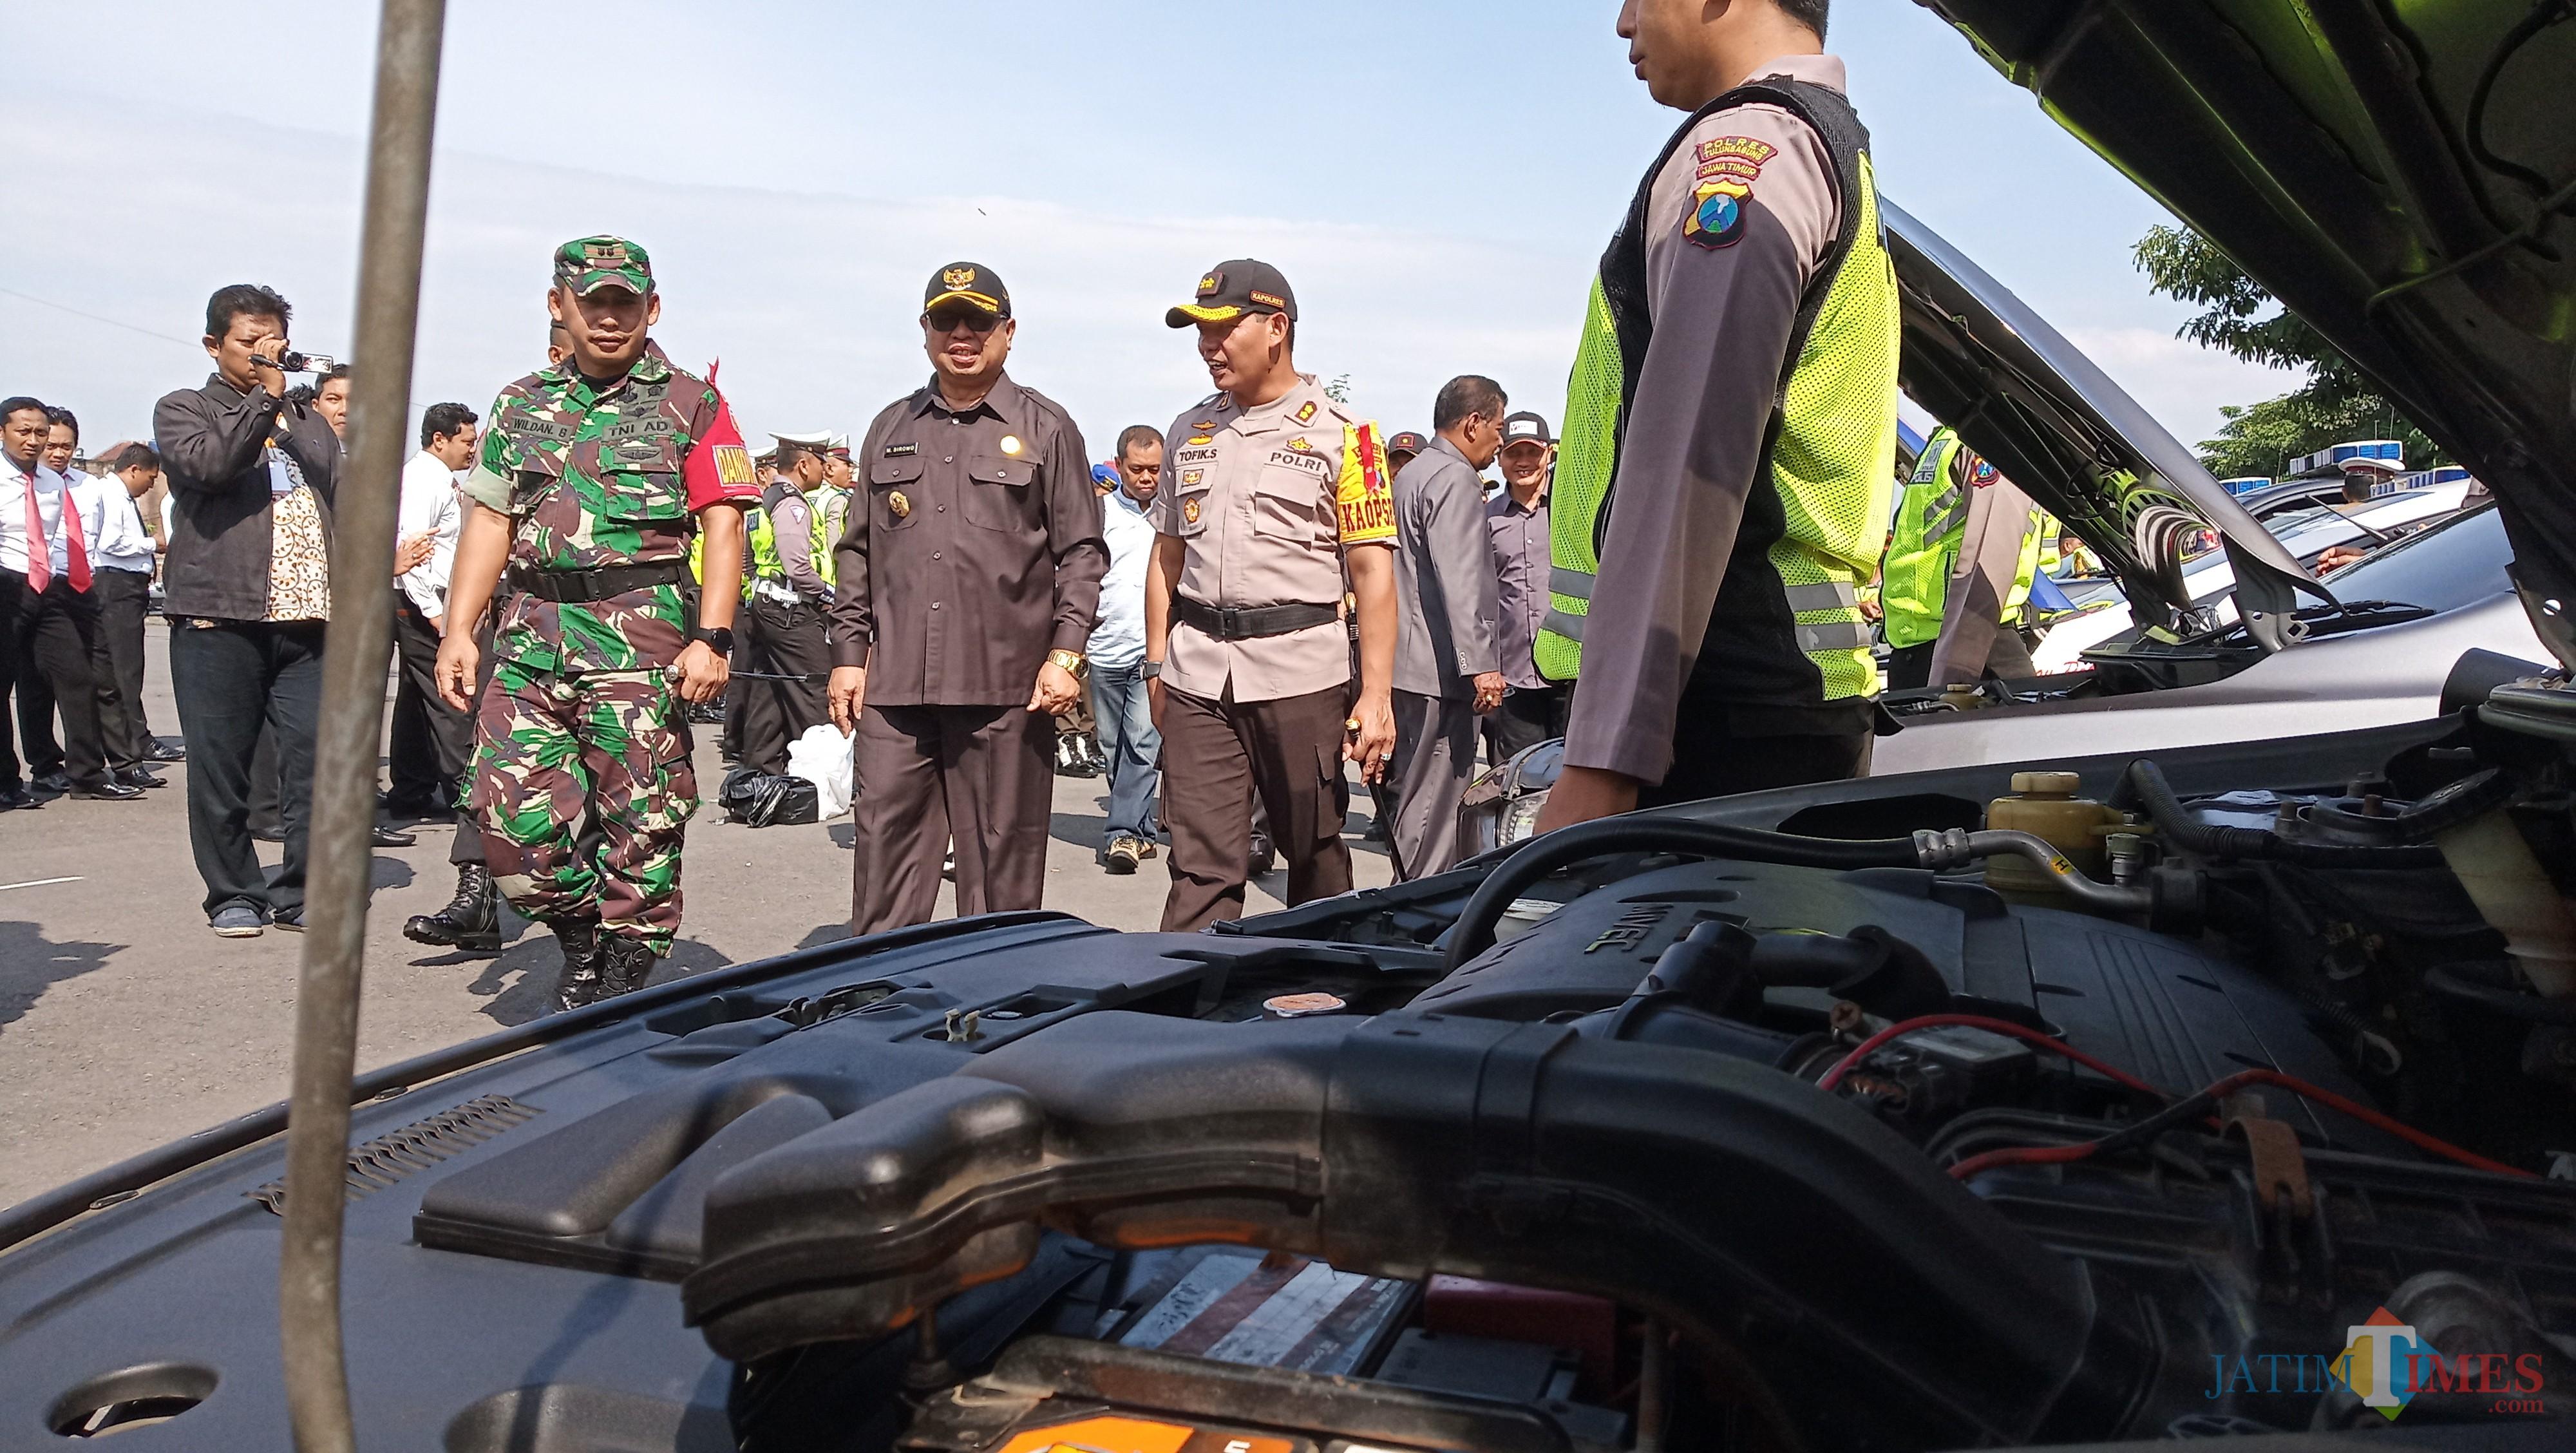 Plt Bupati Tulungagung Maryoto Birowo (baju hitam),  kapolres dan dandim saat memeriksa kesiapan pasukan pengamanan pemilu. (foto : Joko Pramono/Tulungagungtimes)